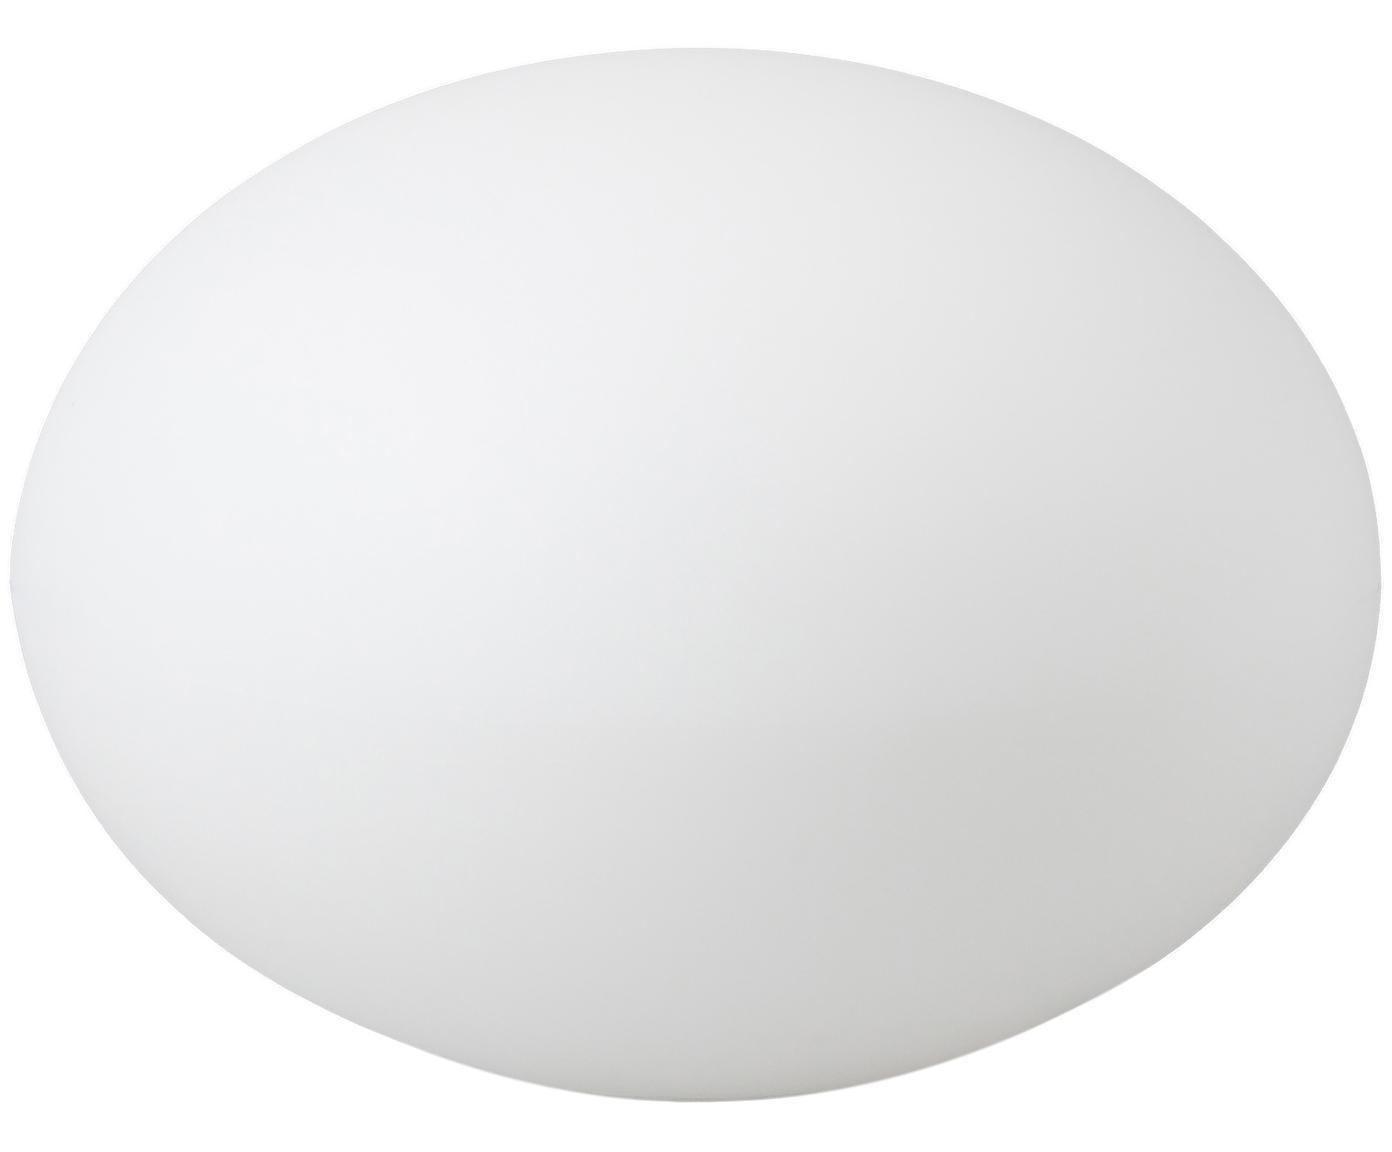 Außen-Bodenleuchte Apollo mit Stecker, Kunststoff, Weiß, Ø 40 x H 30 cm